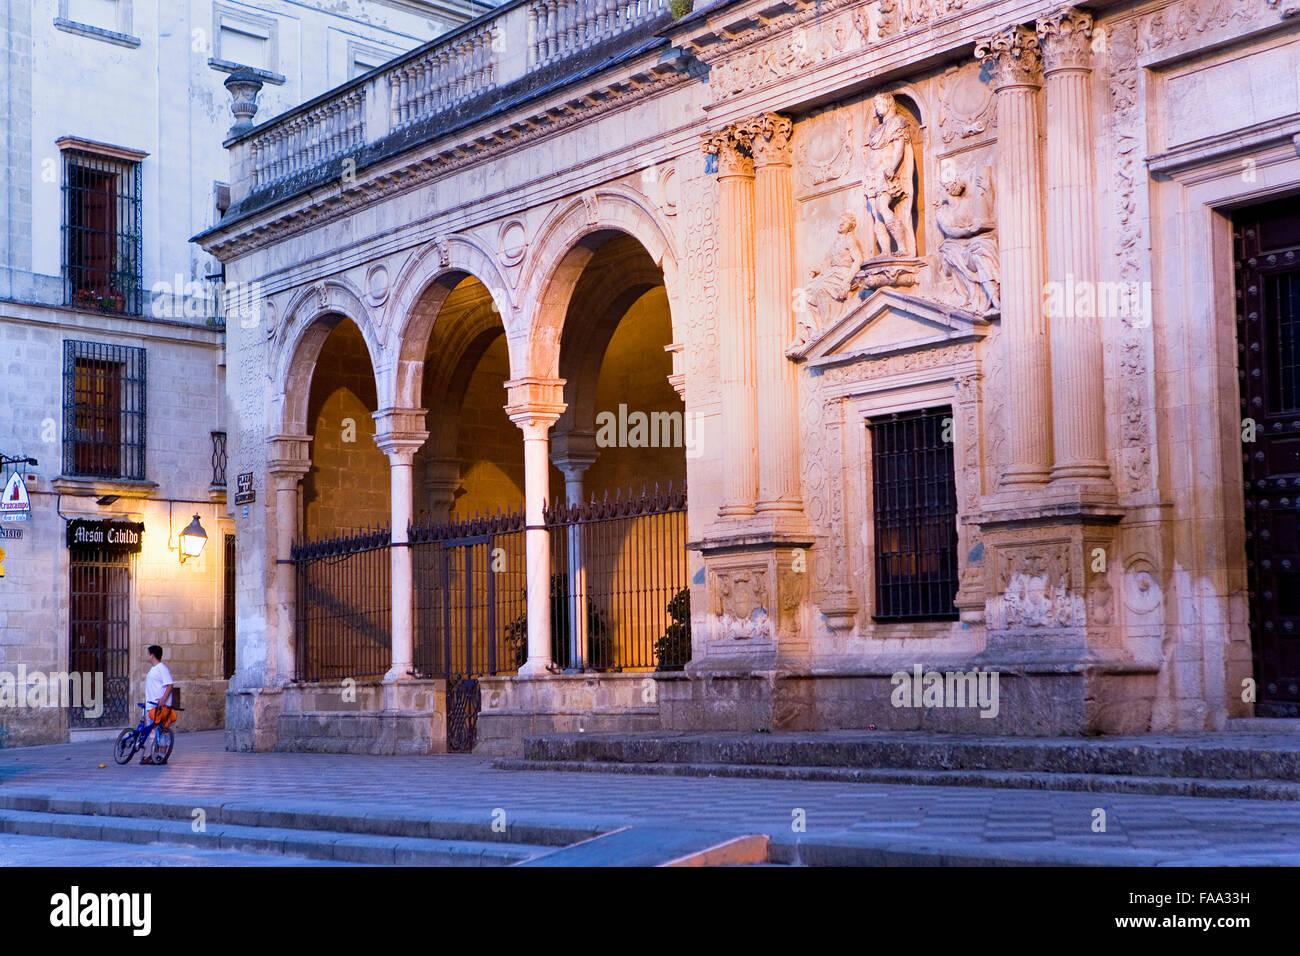 Antiguo Cabildo.Old town hall in Plaza de la Asunción. Jerez de la Frontera. Cádiz province. Spain - Stock Image